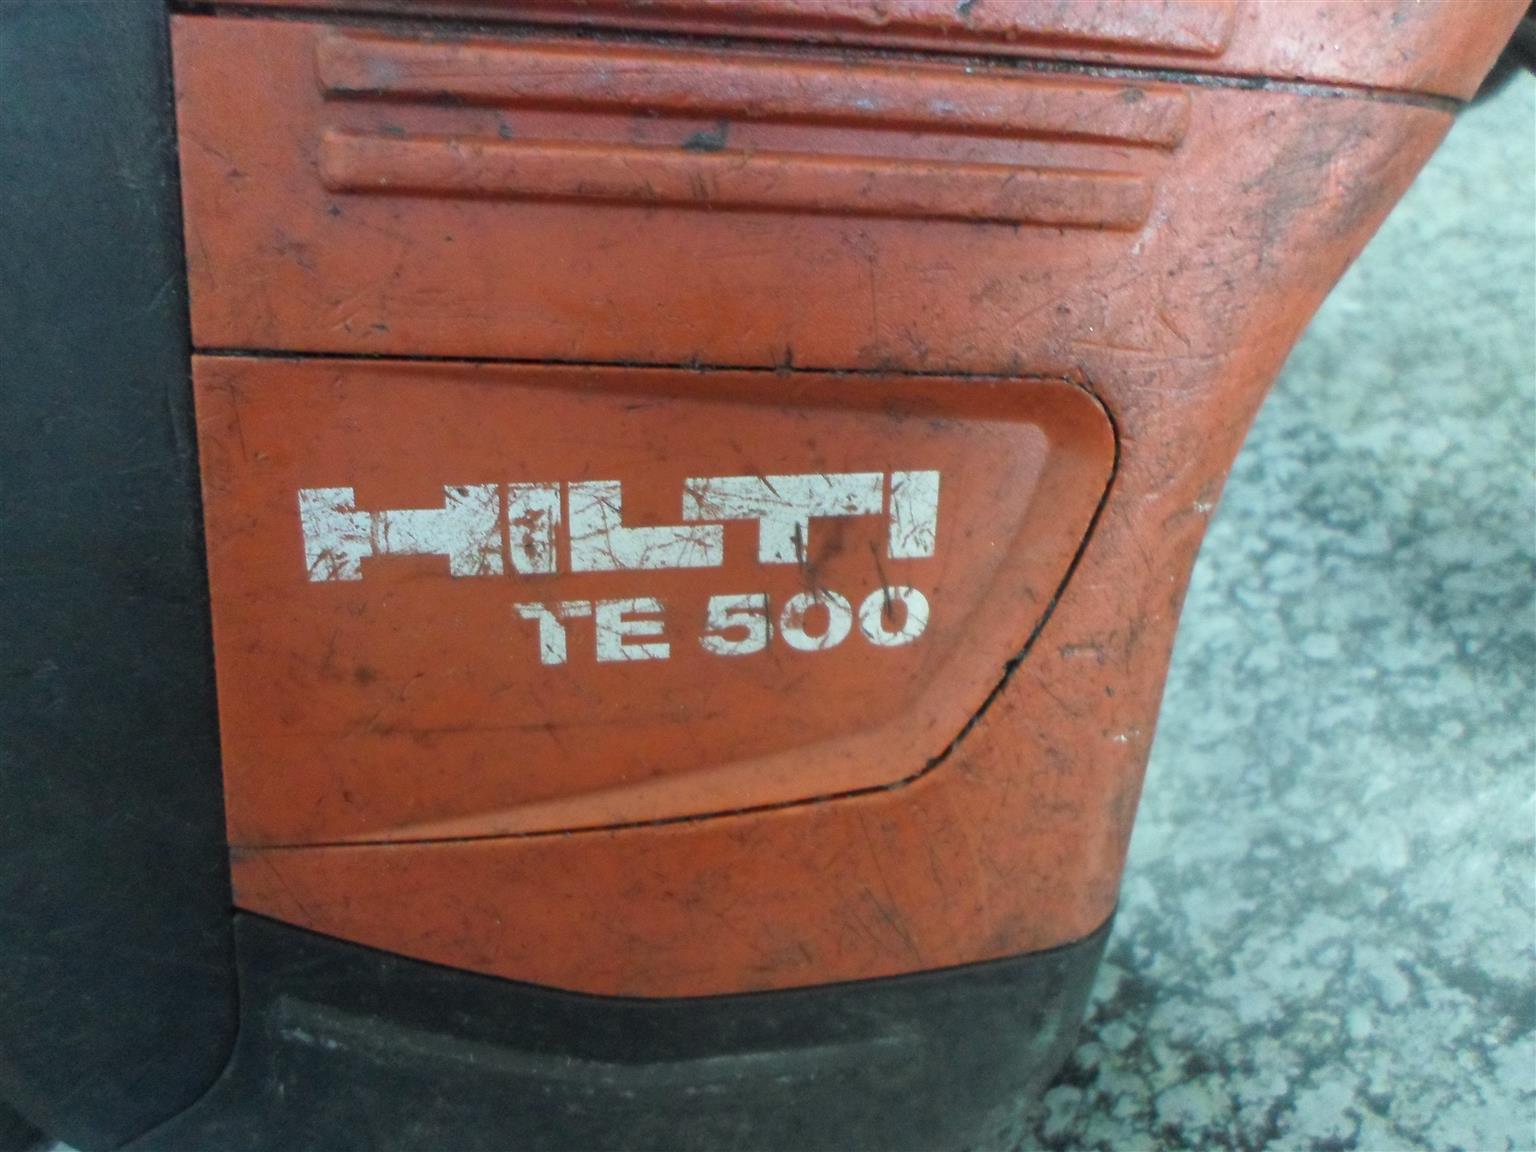 Hilti TE 500 Breaker - C033050561-1